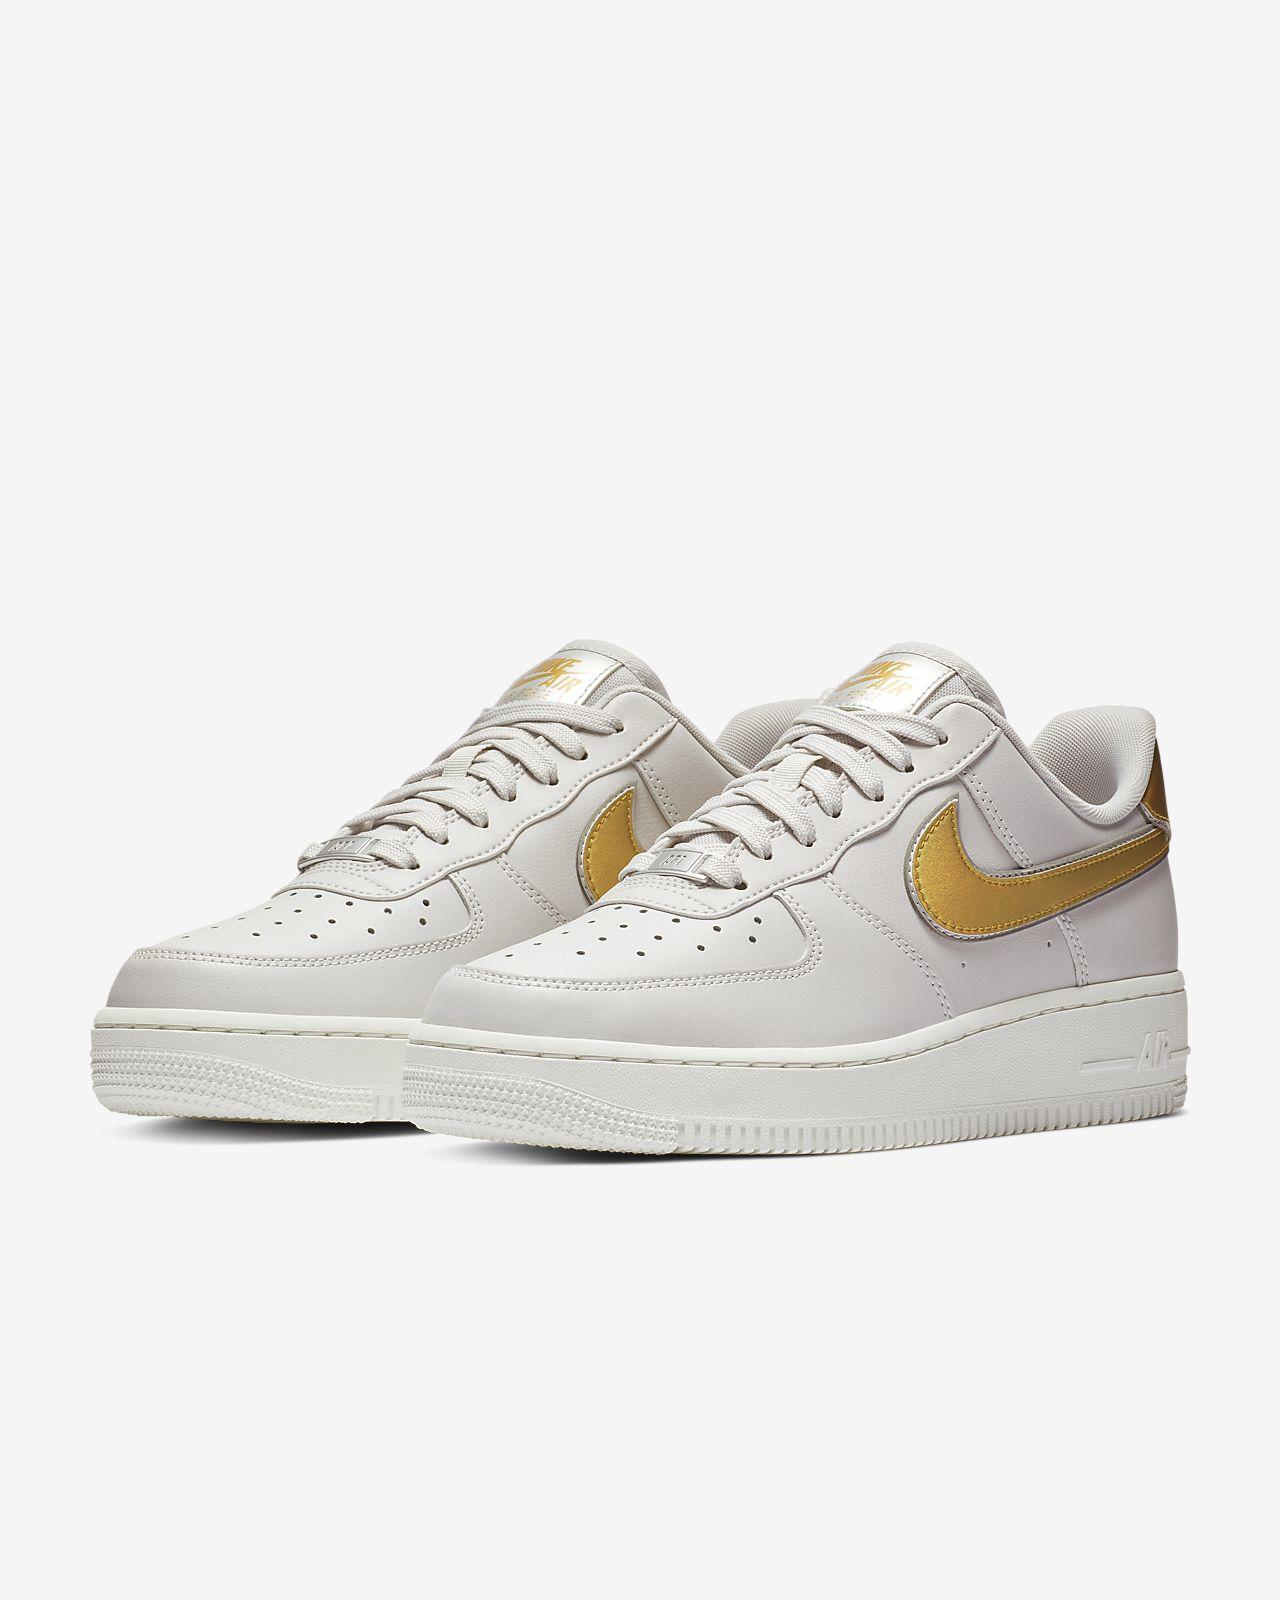 43fa23926223 Nike Air Force 1  07 Metallic Women s Shoe. Nike.com NZ